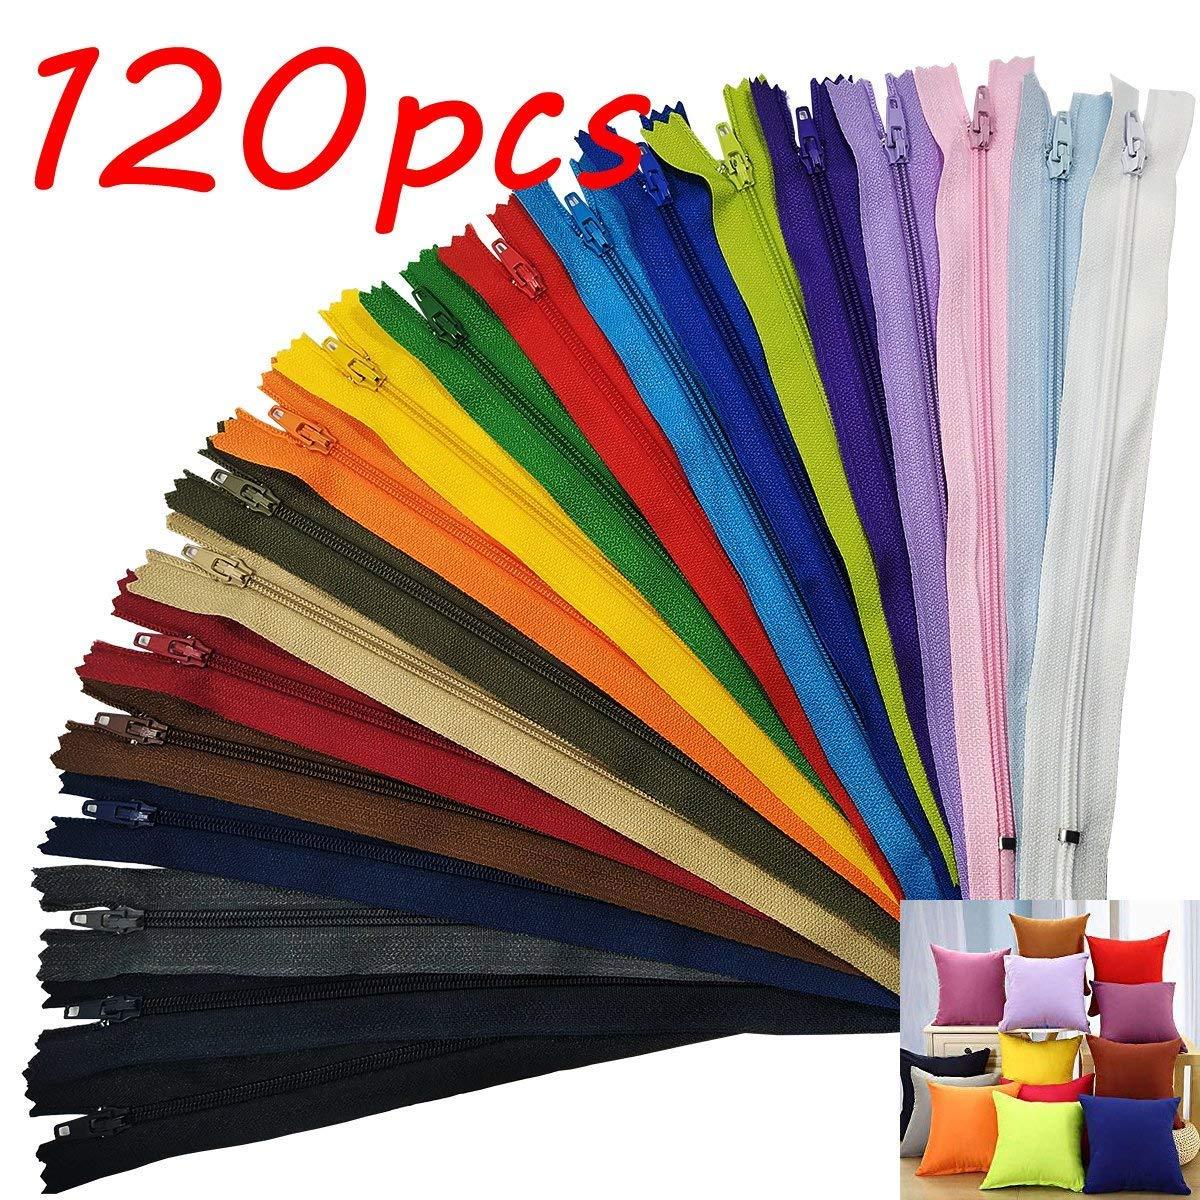 lot de 120pcs, 22cm 20 couleurs SuperHandwerk Fermetures /Éclair en Nylon en vrac pour tailleur couture artisanat